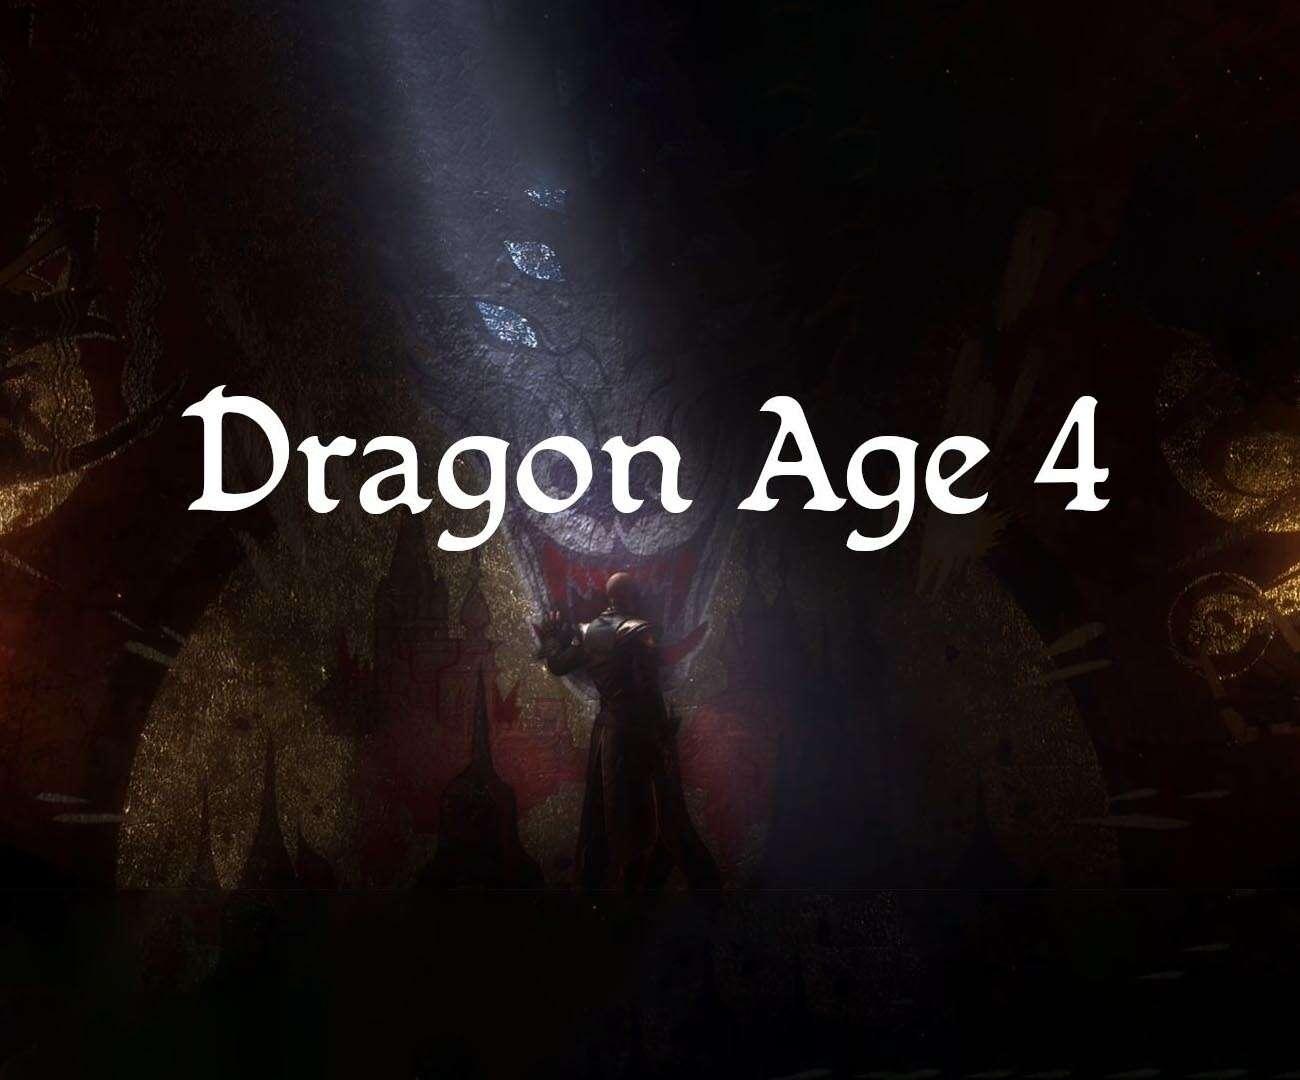 Grafika koncepcyjna Dragon Age 4 udowadnia, że pomysł na grę jest